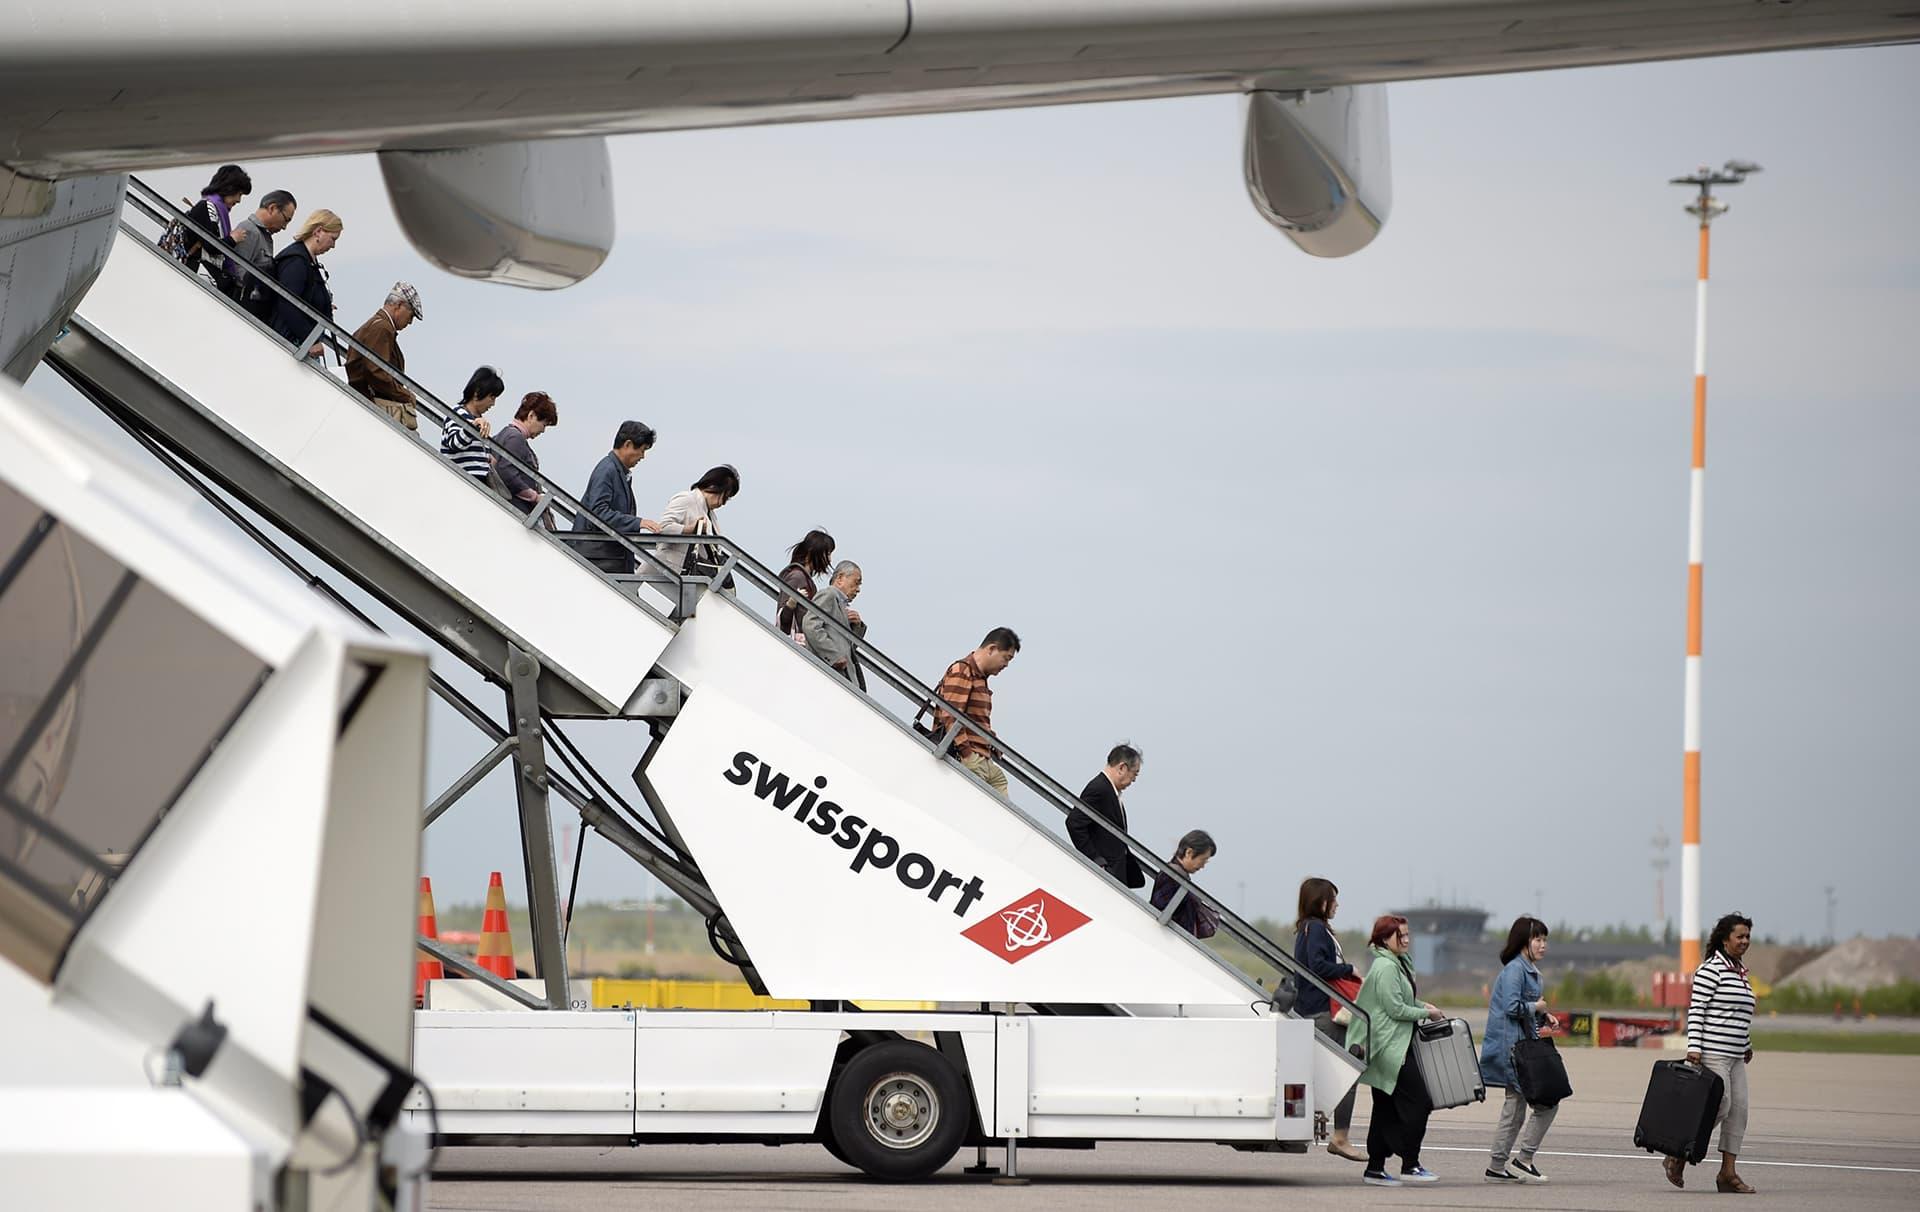 Finnairin aasianlento saapunut Helsinki-Vantaan lentokentällä. Matkustajat poistuvat swissportin rappujen kautta platalle.